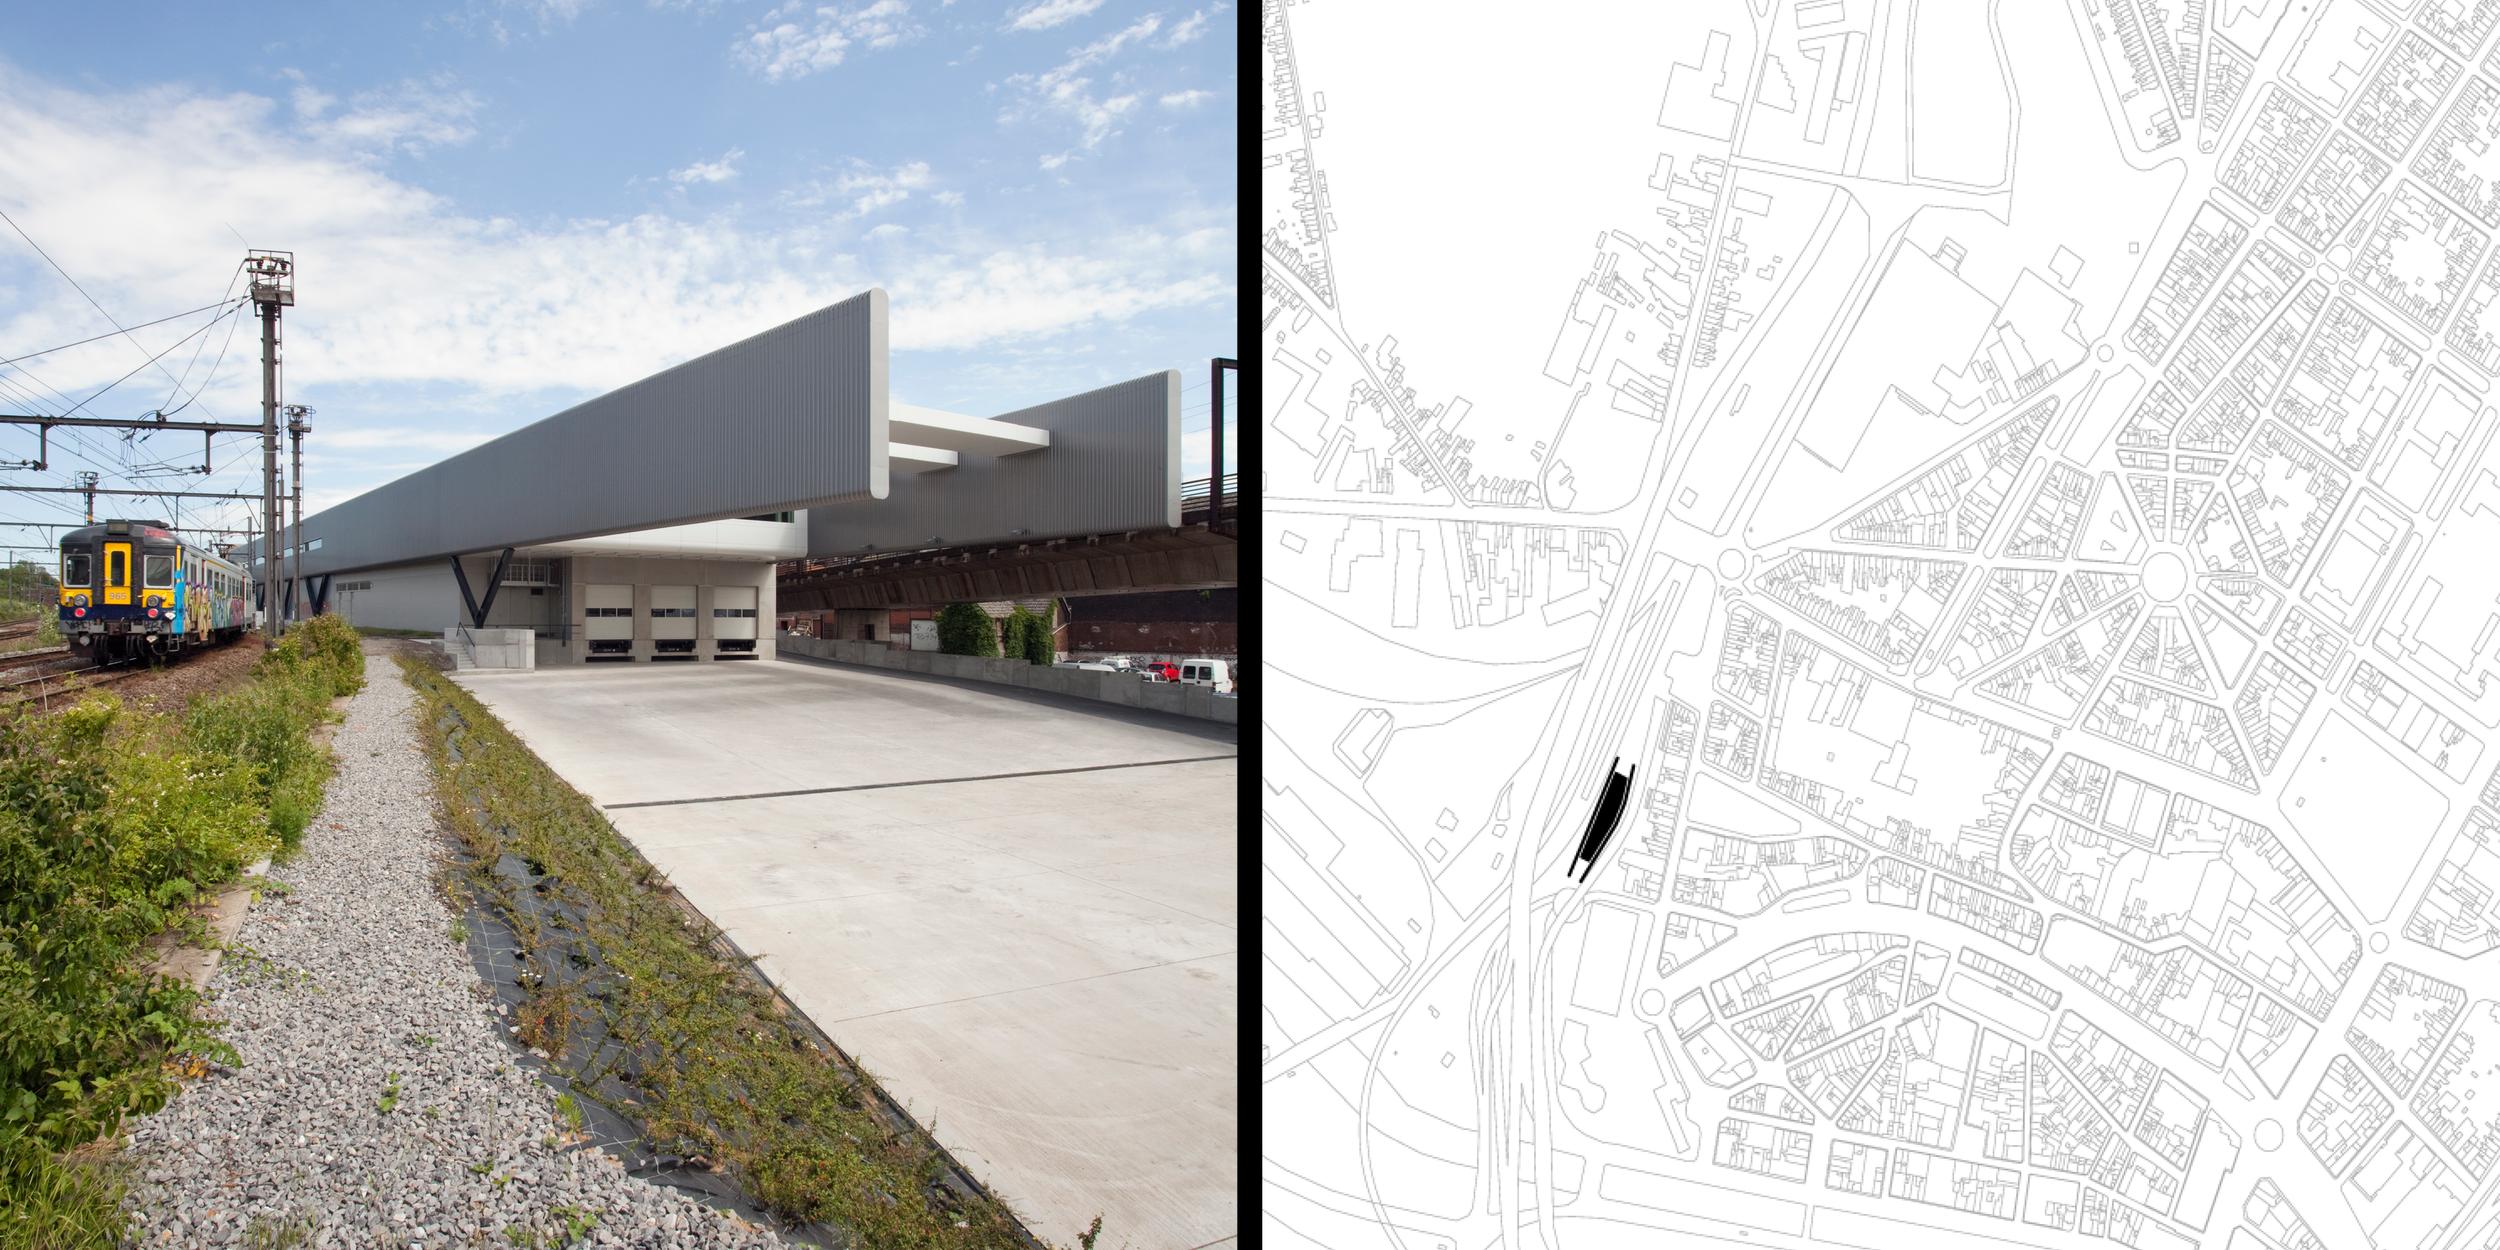 Centre de distribution urbaine de Charleroi